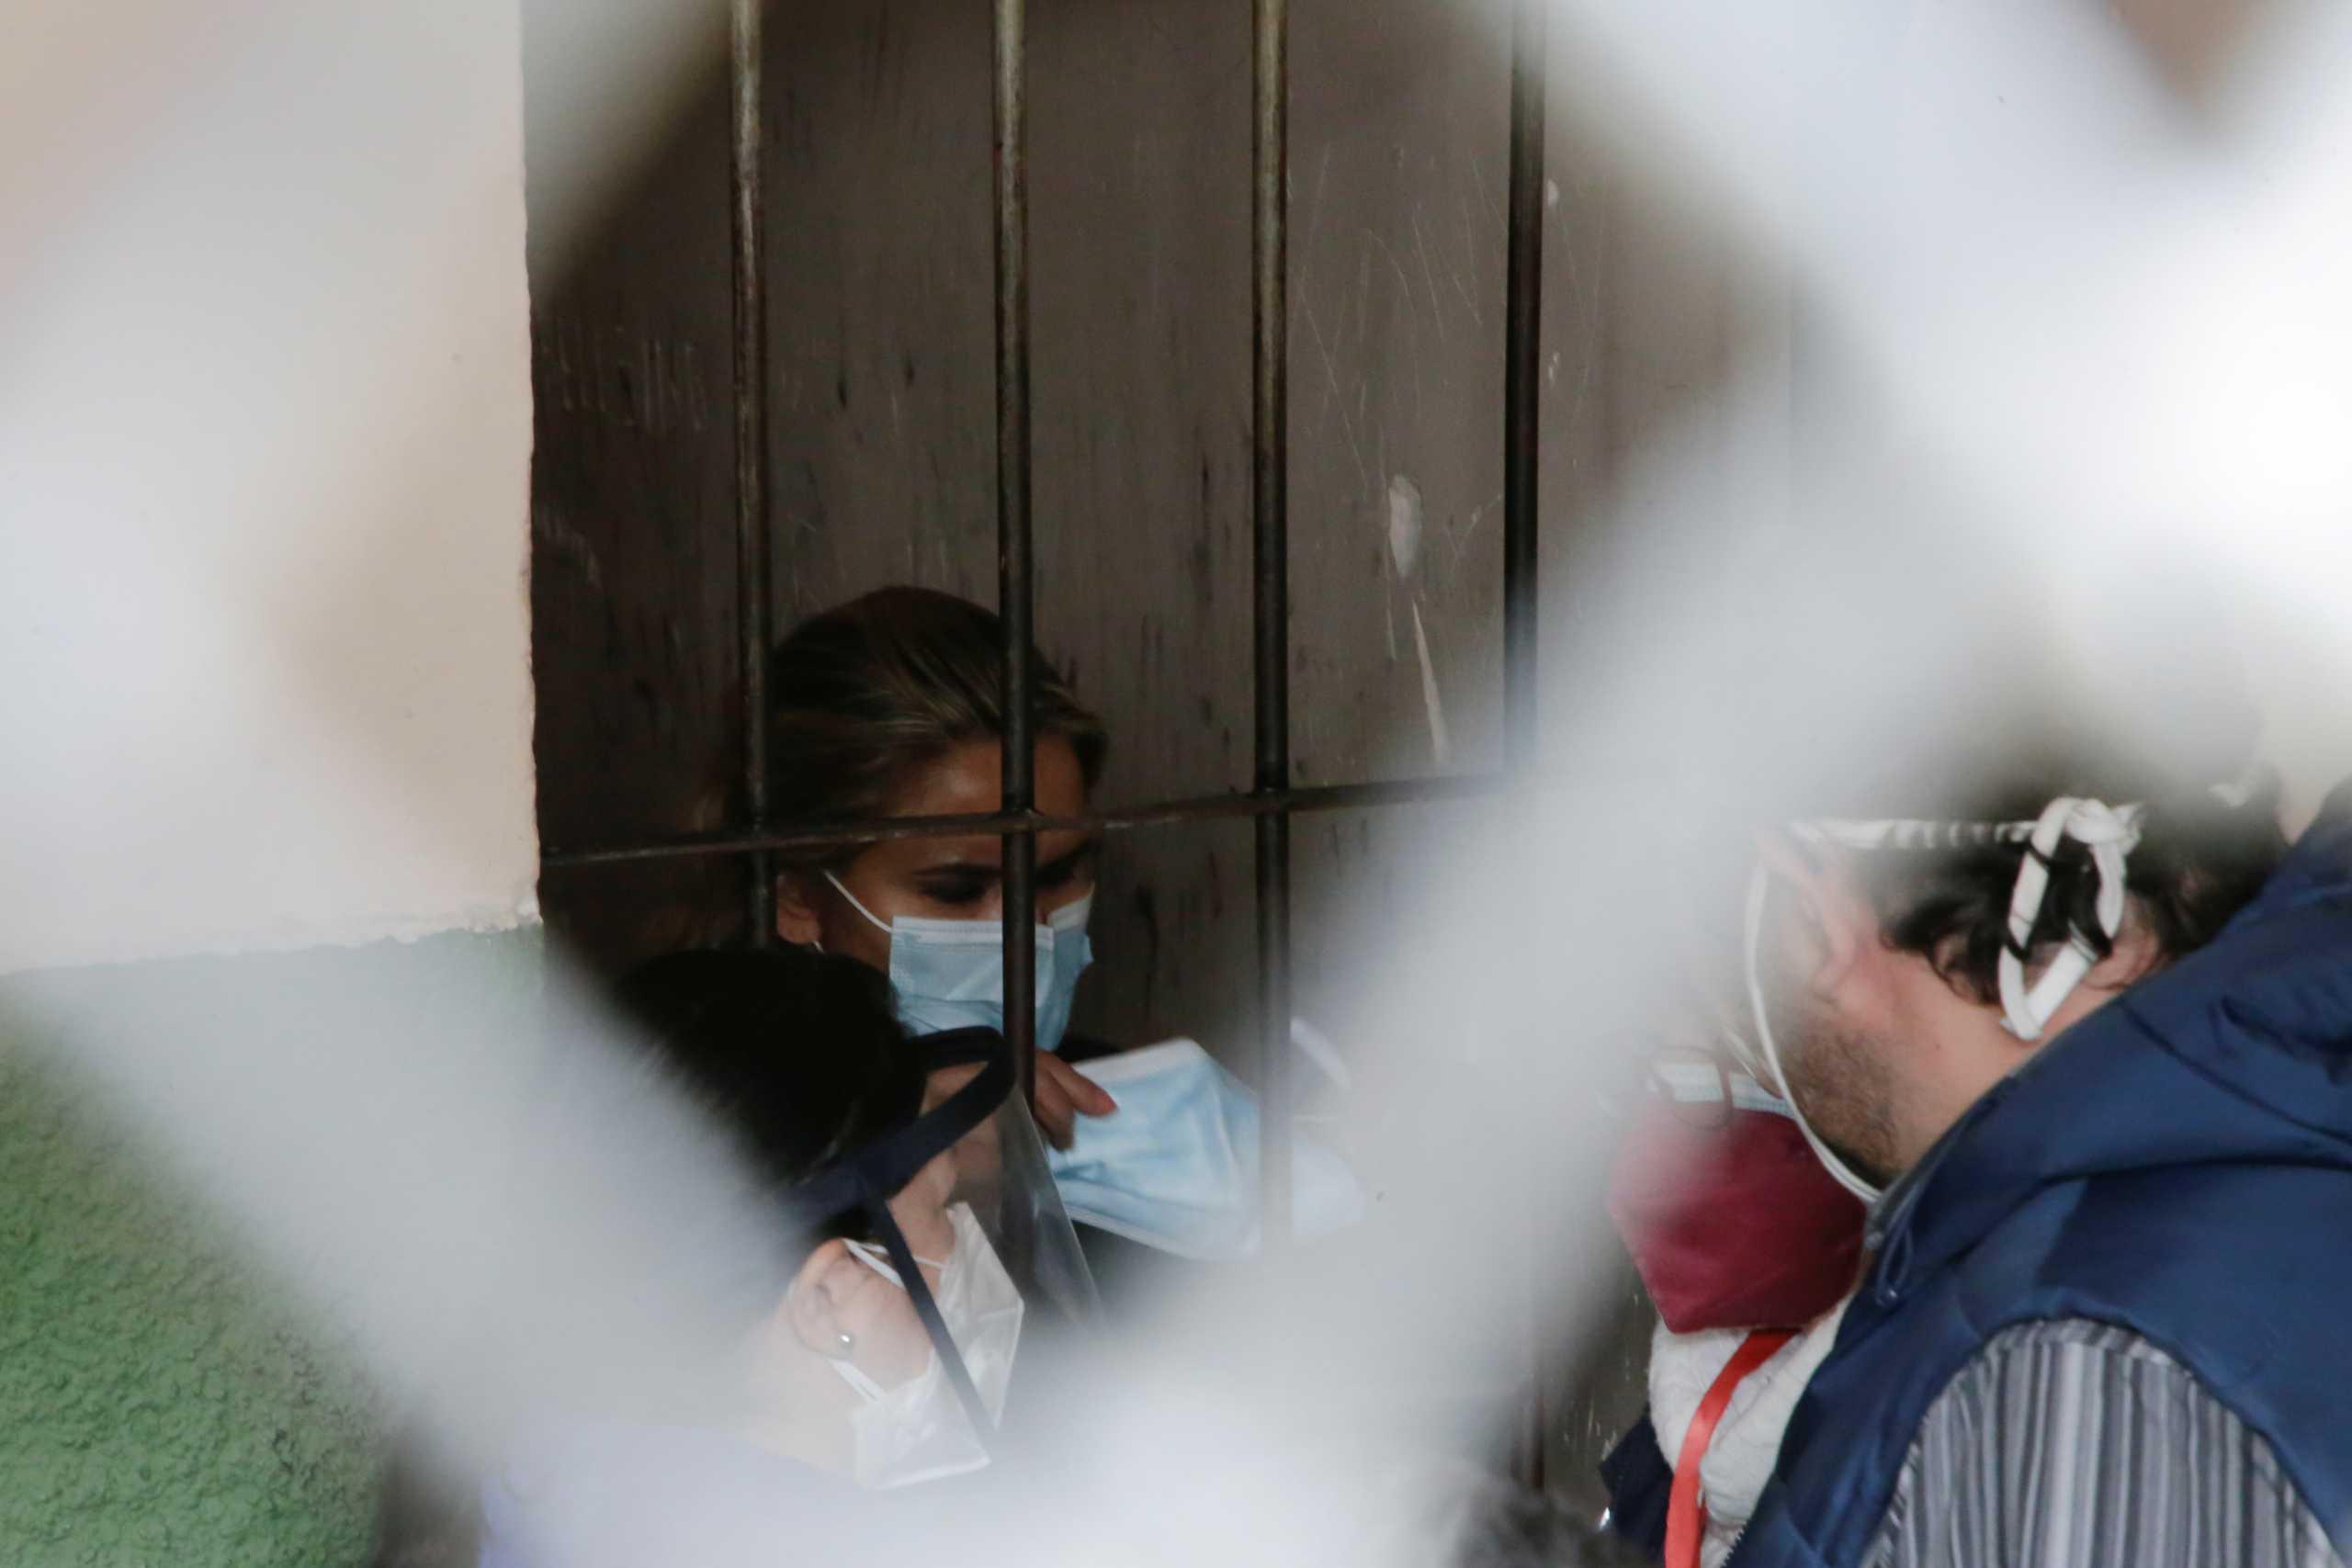 Βολιβία: Από τη φυλακή στο νοσοκομείο η πρώην μεταβατική πρόεδρος Τζανίνε Άνιες